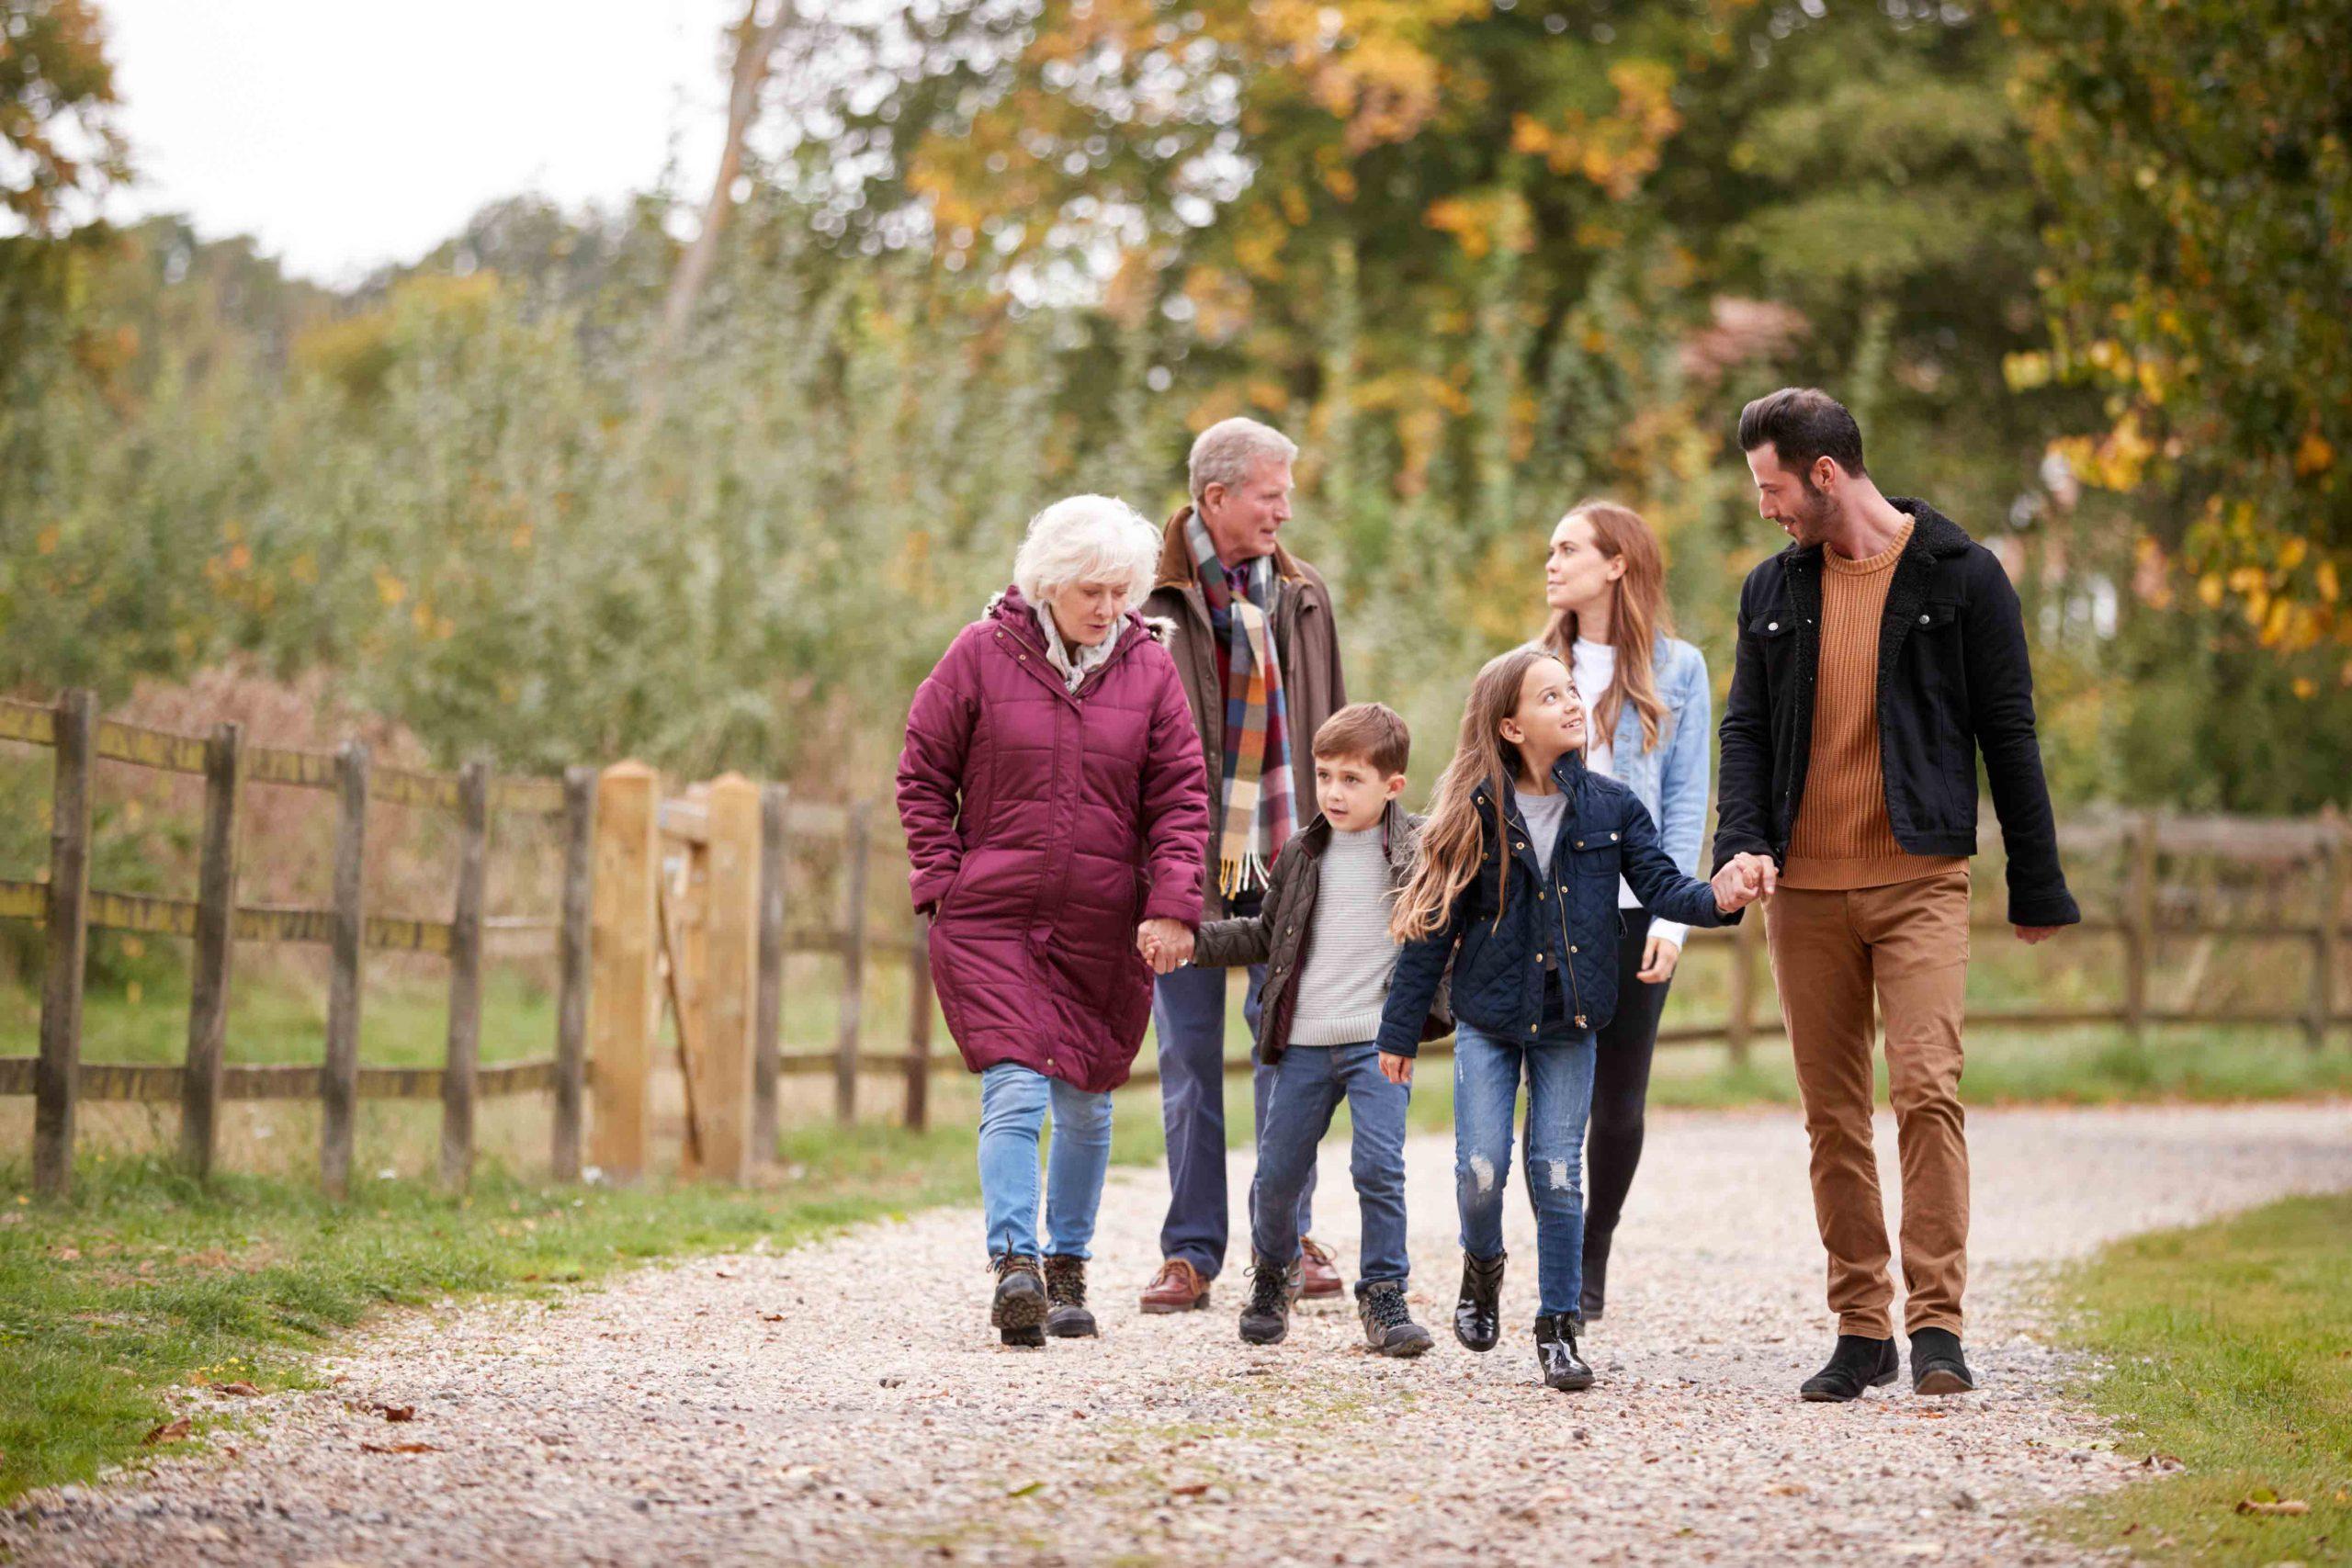 white family walking trough the fields in fall season